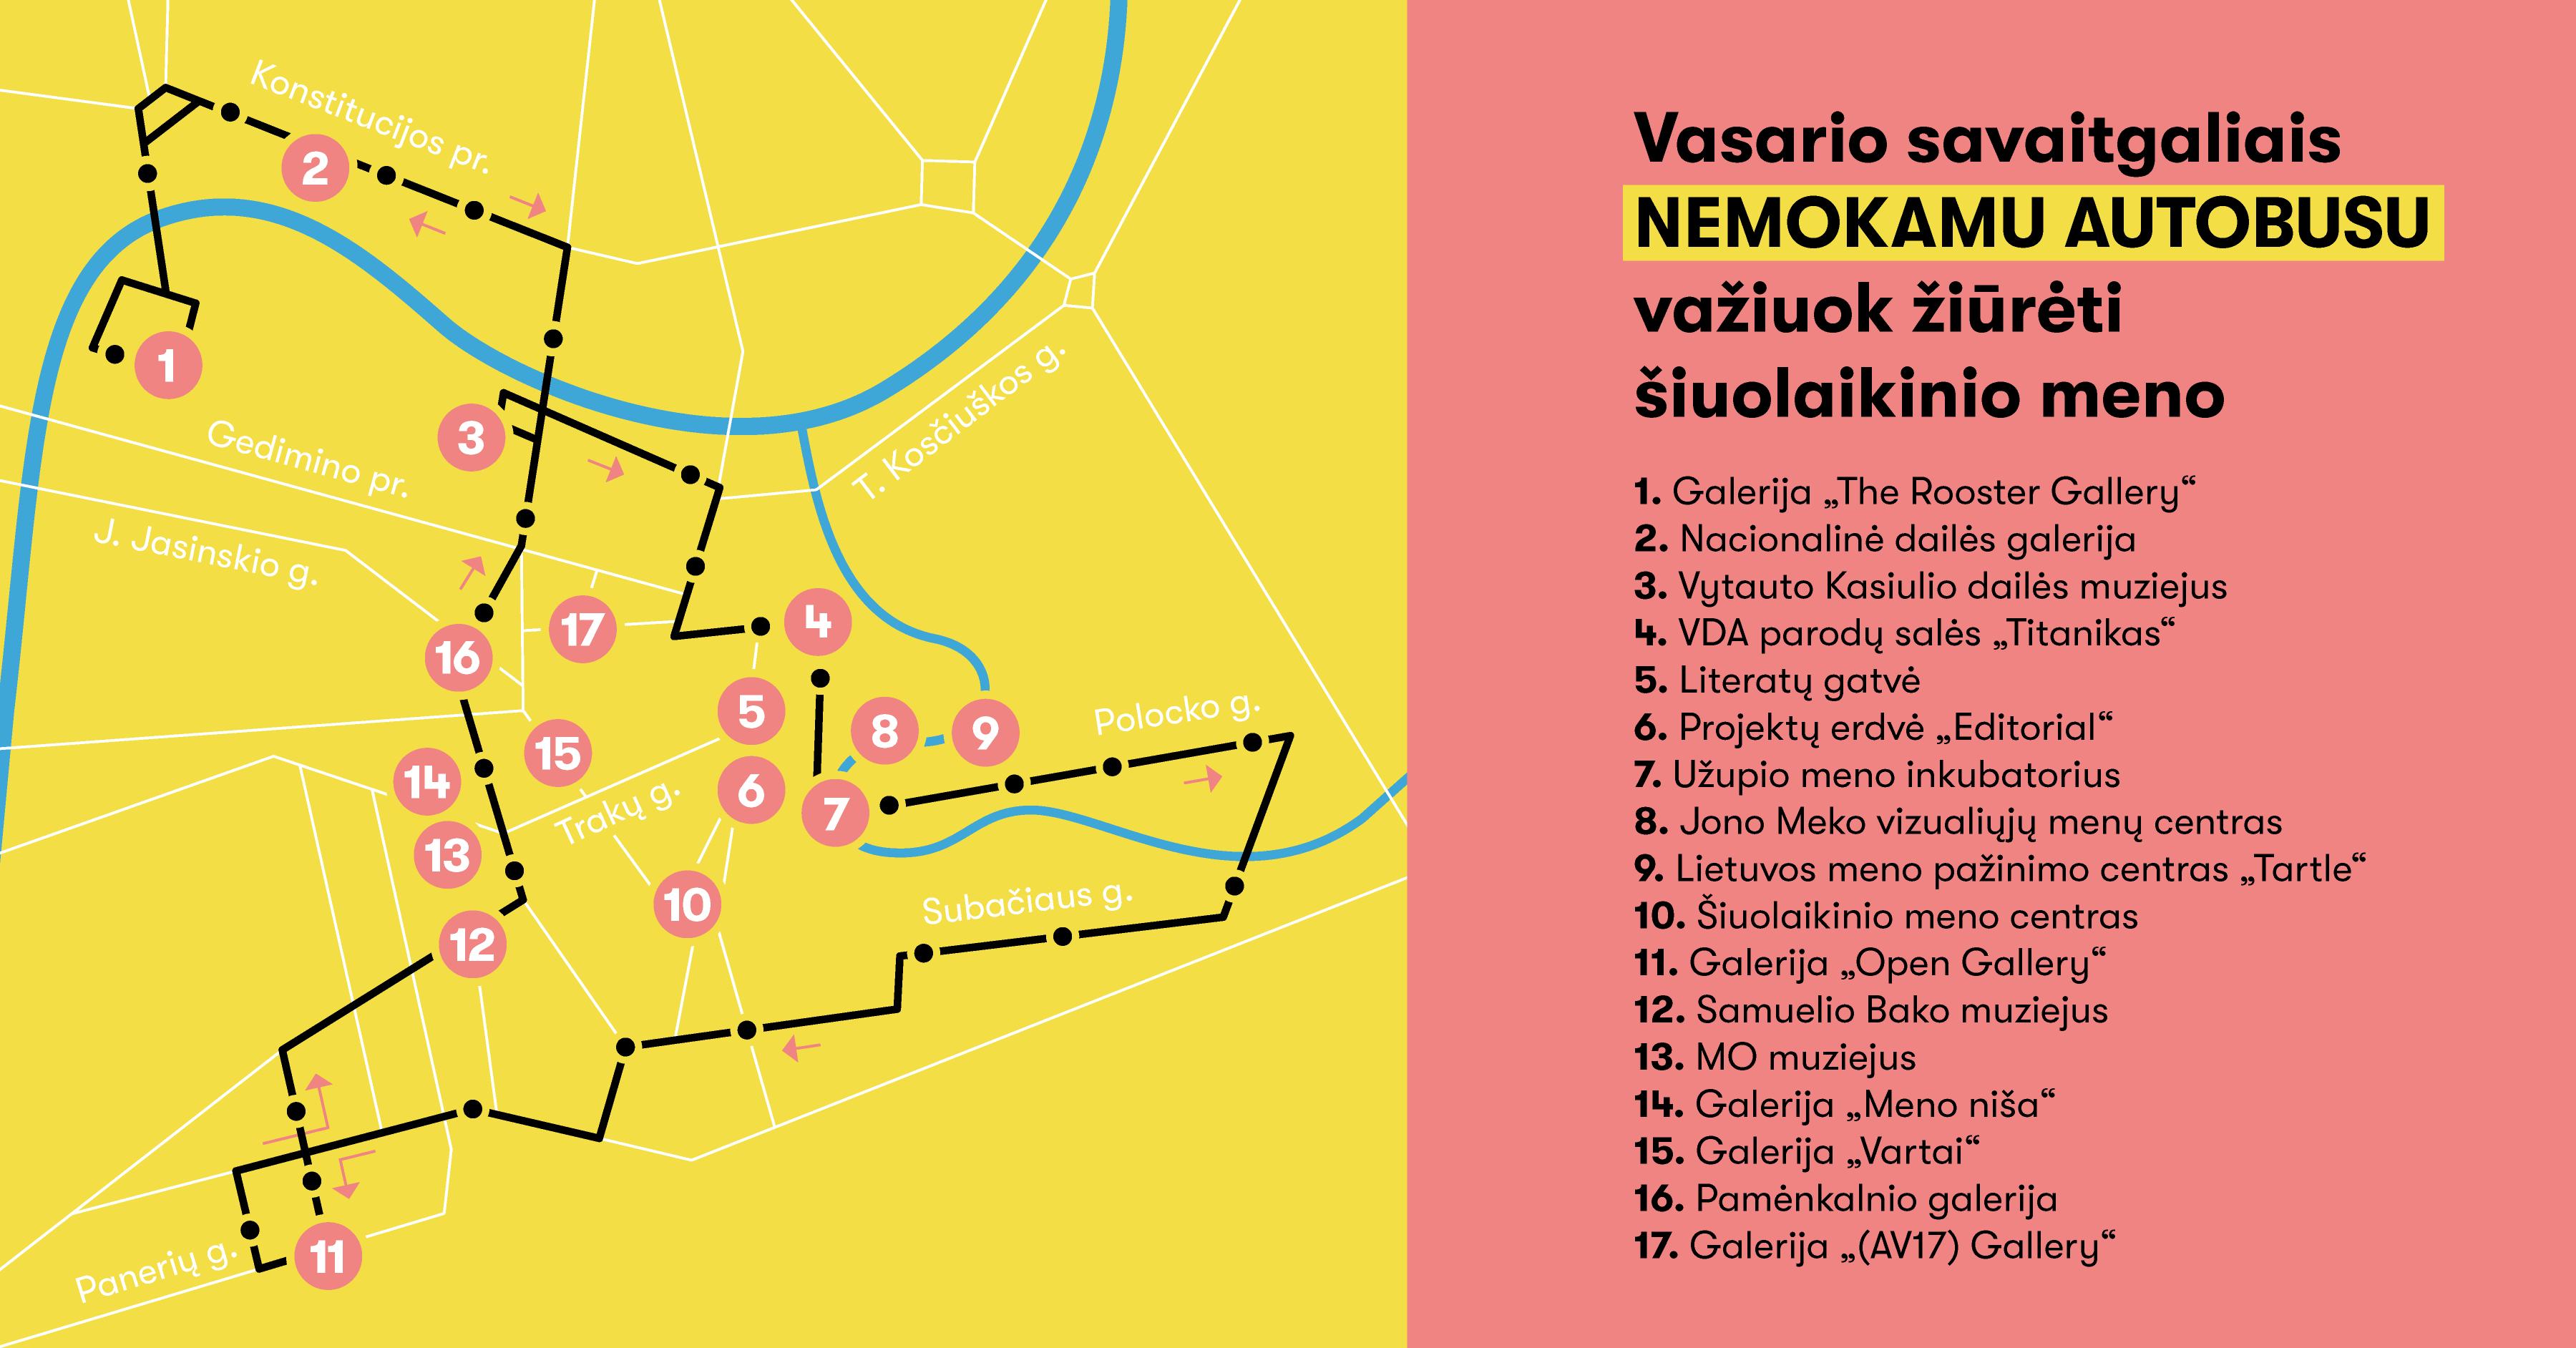 Vilnius kviečia SU-MENĖTI ir išbandyti kultūrinį maršrutą | Vilniaus miesto savivaldybės nuotr.